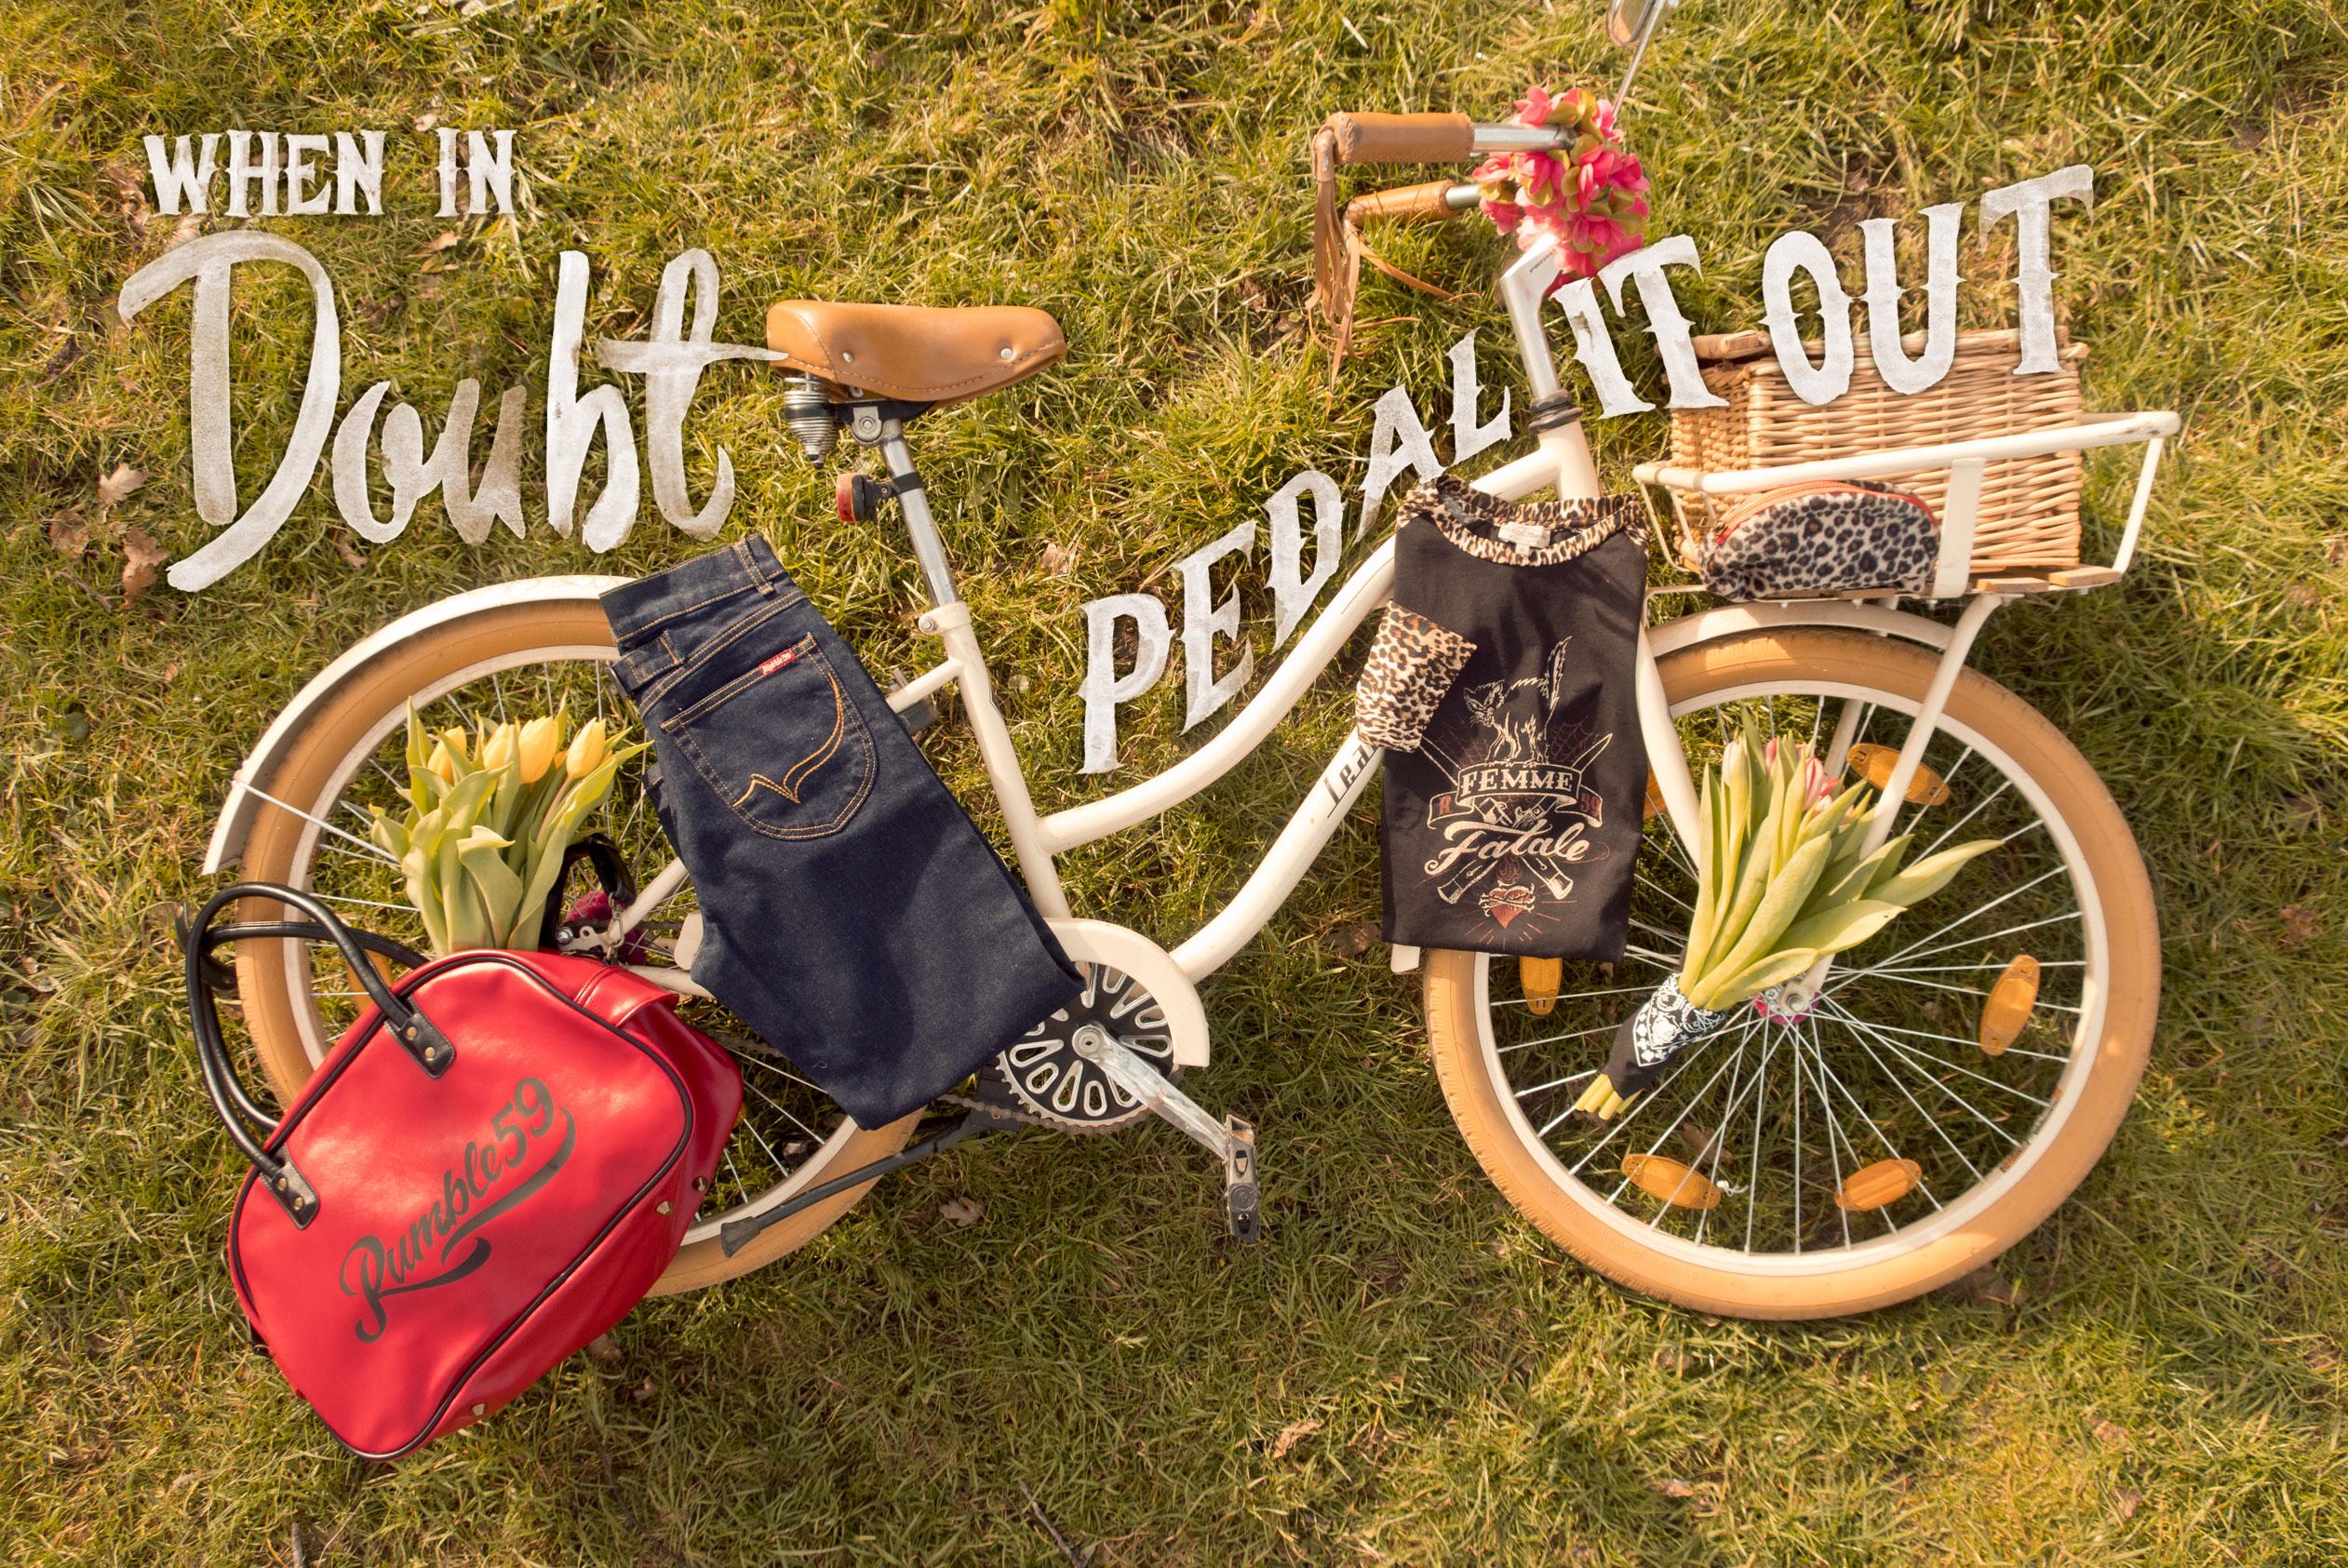 Fahrrad liegend auf Wiese